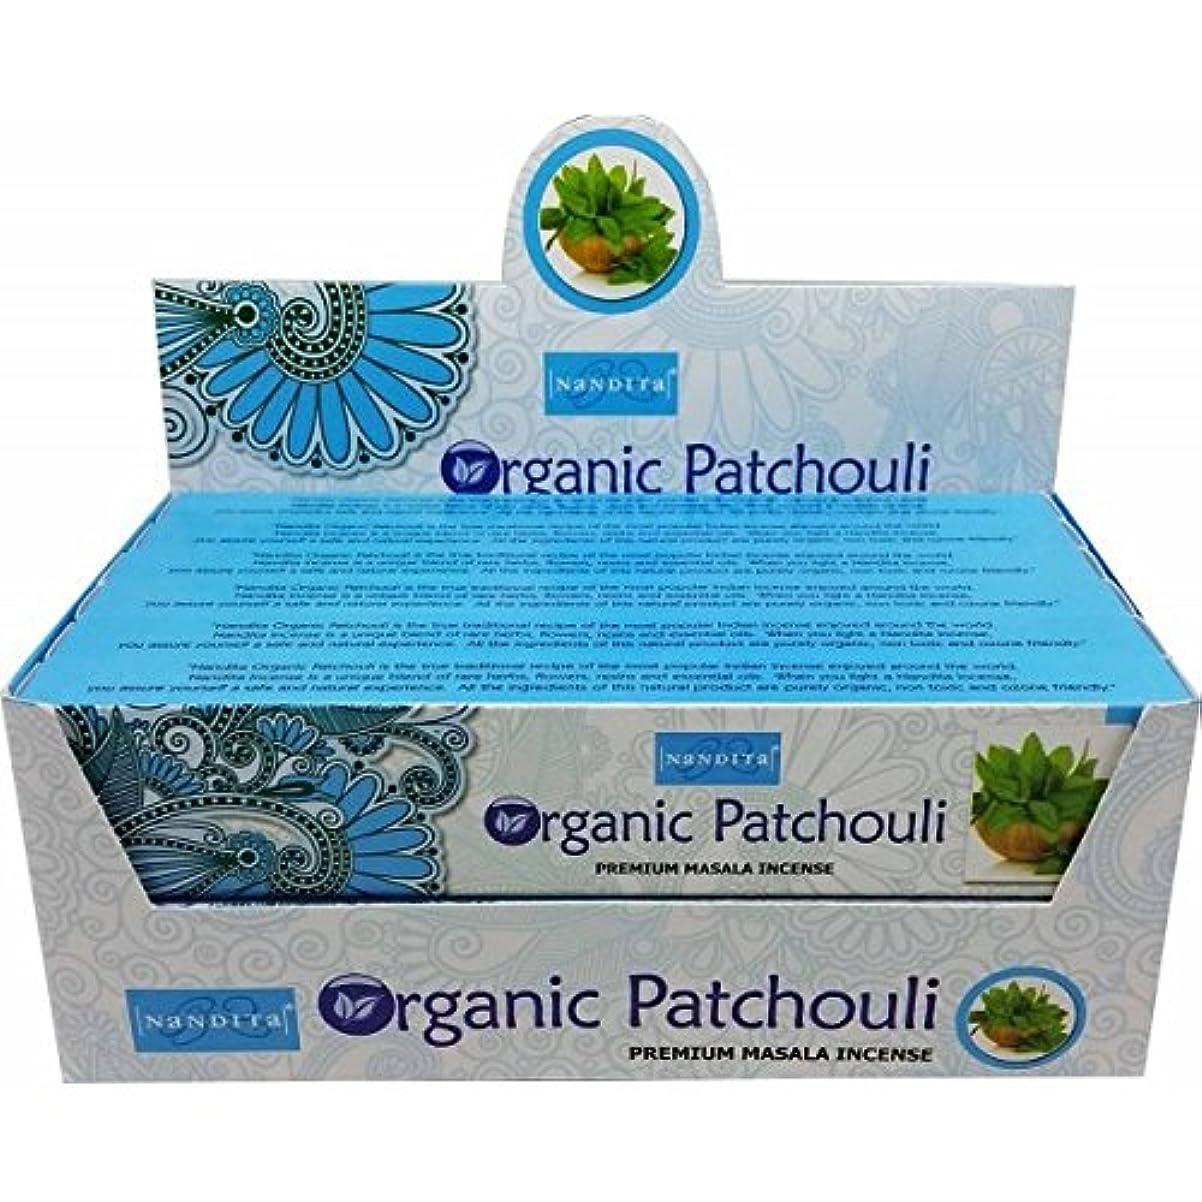 コカイン冗長消防士Nandita元/有機Patchouli Incense Sticks Agarbathi – 15 gm X 12パケット